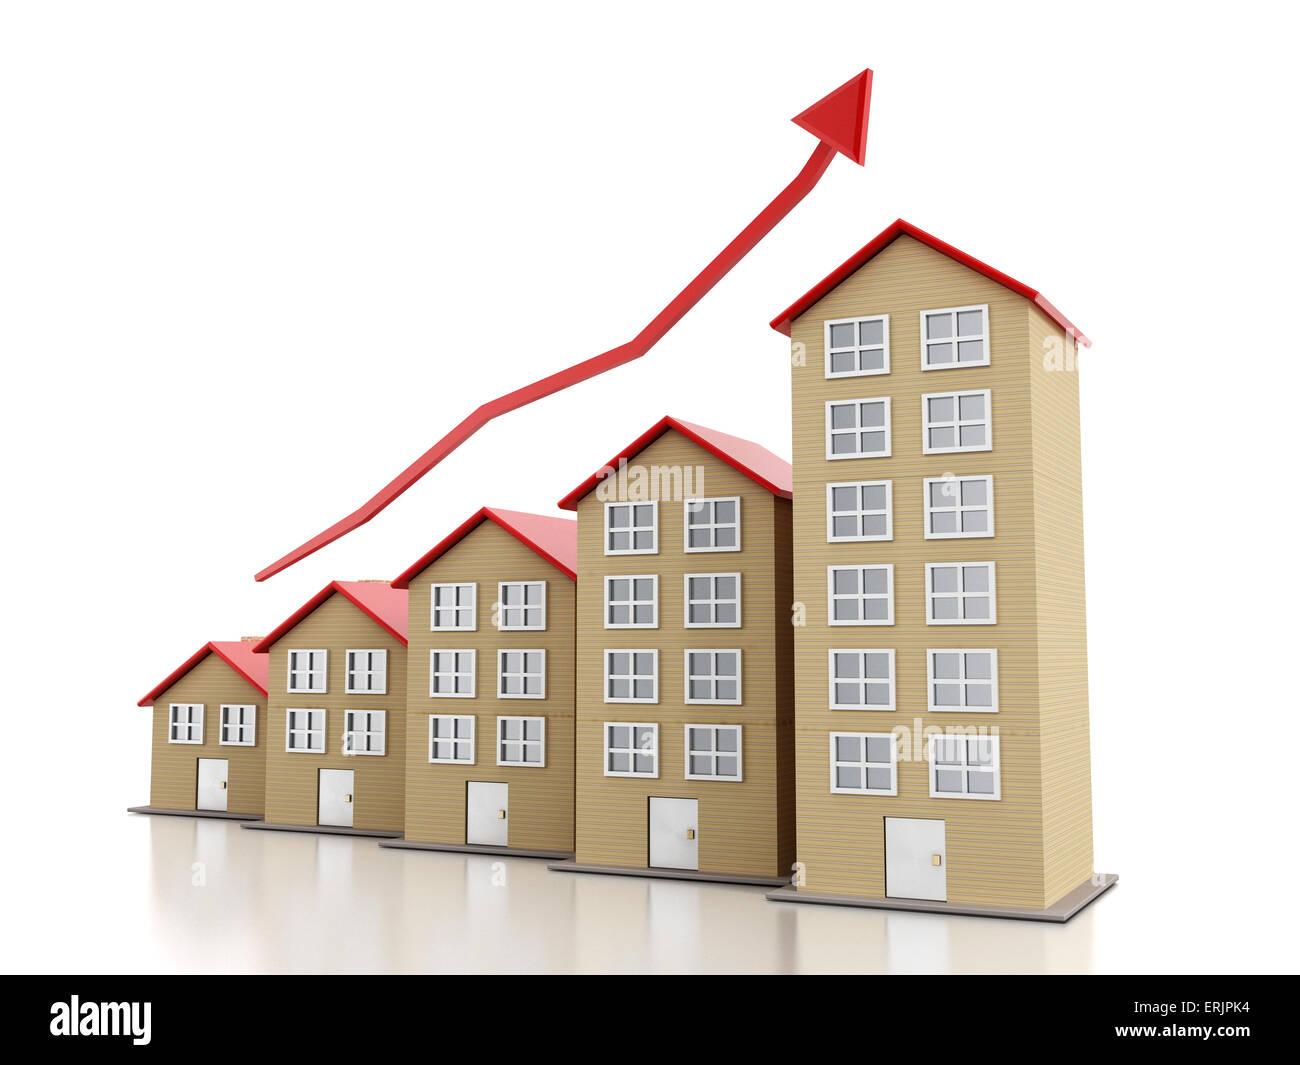 Steigende Gehäuse Marktkonzept mit mehrstöckigen Gebäuden. Stockbild